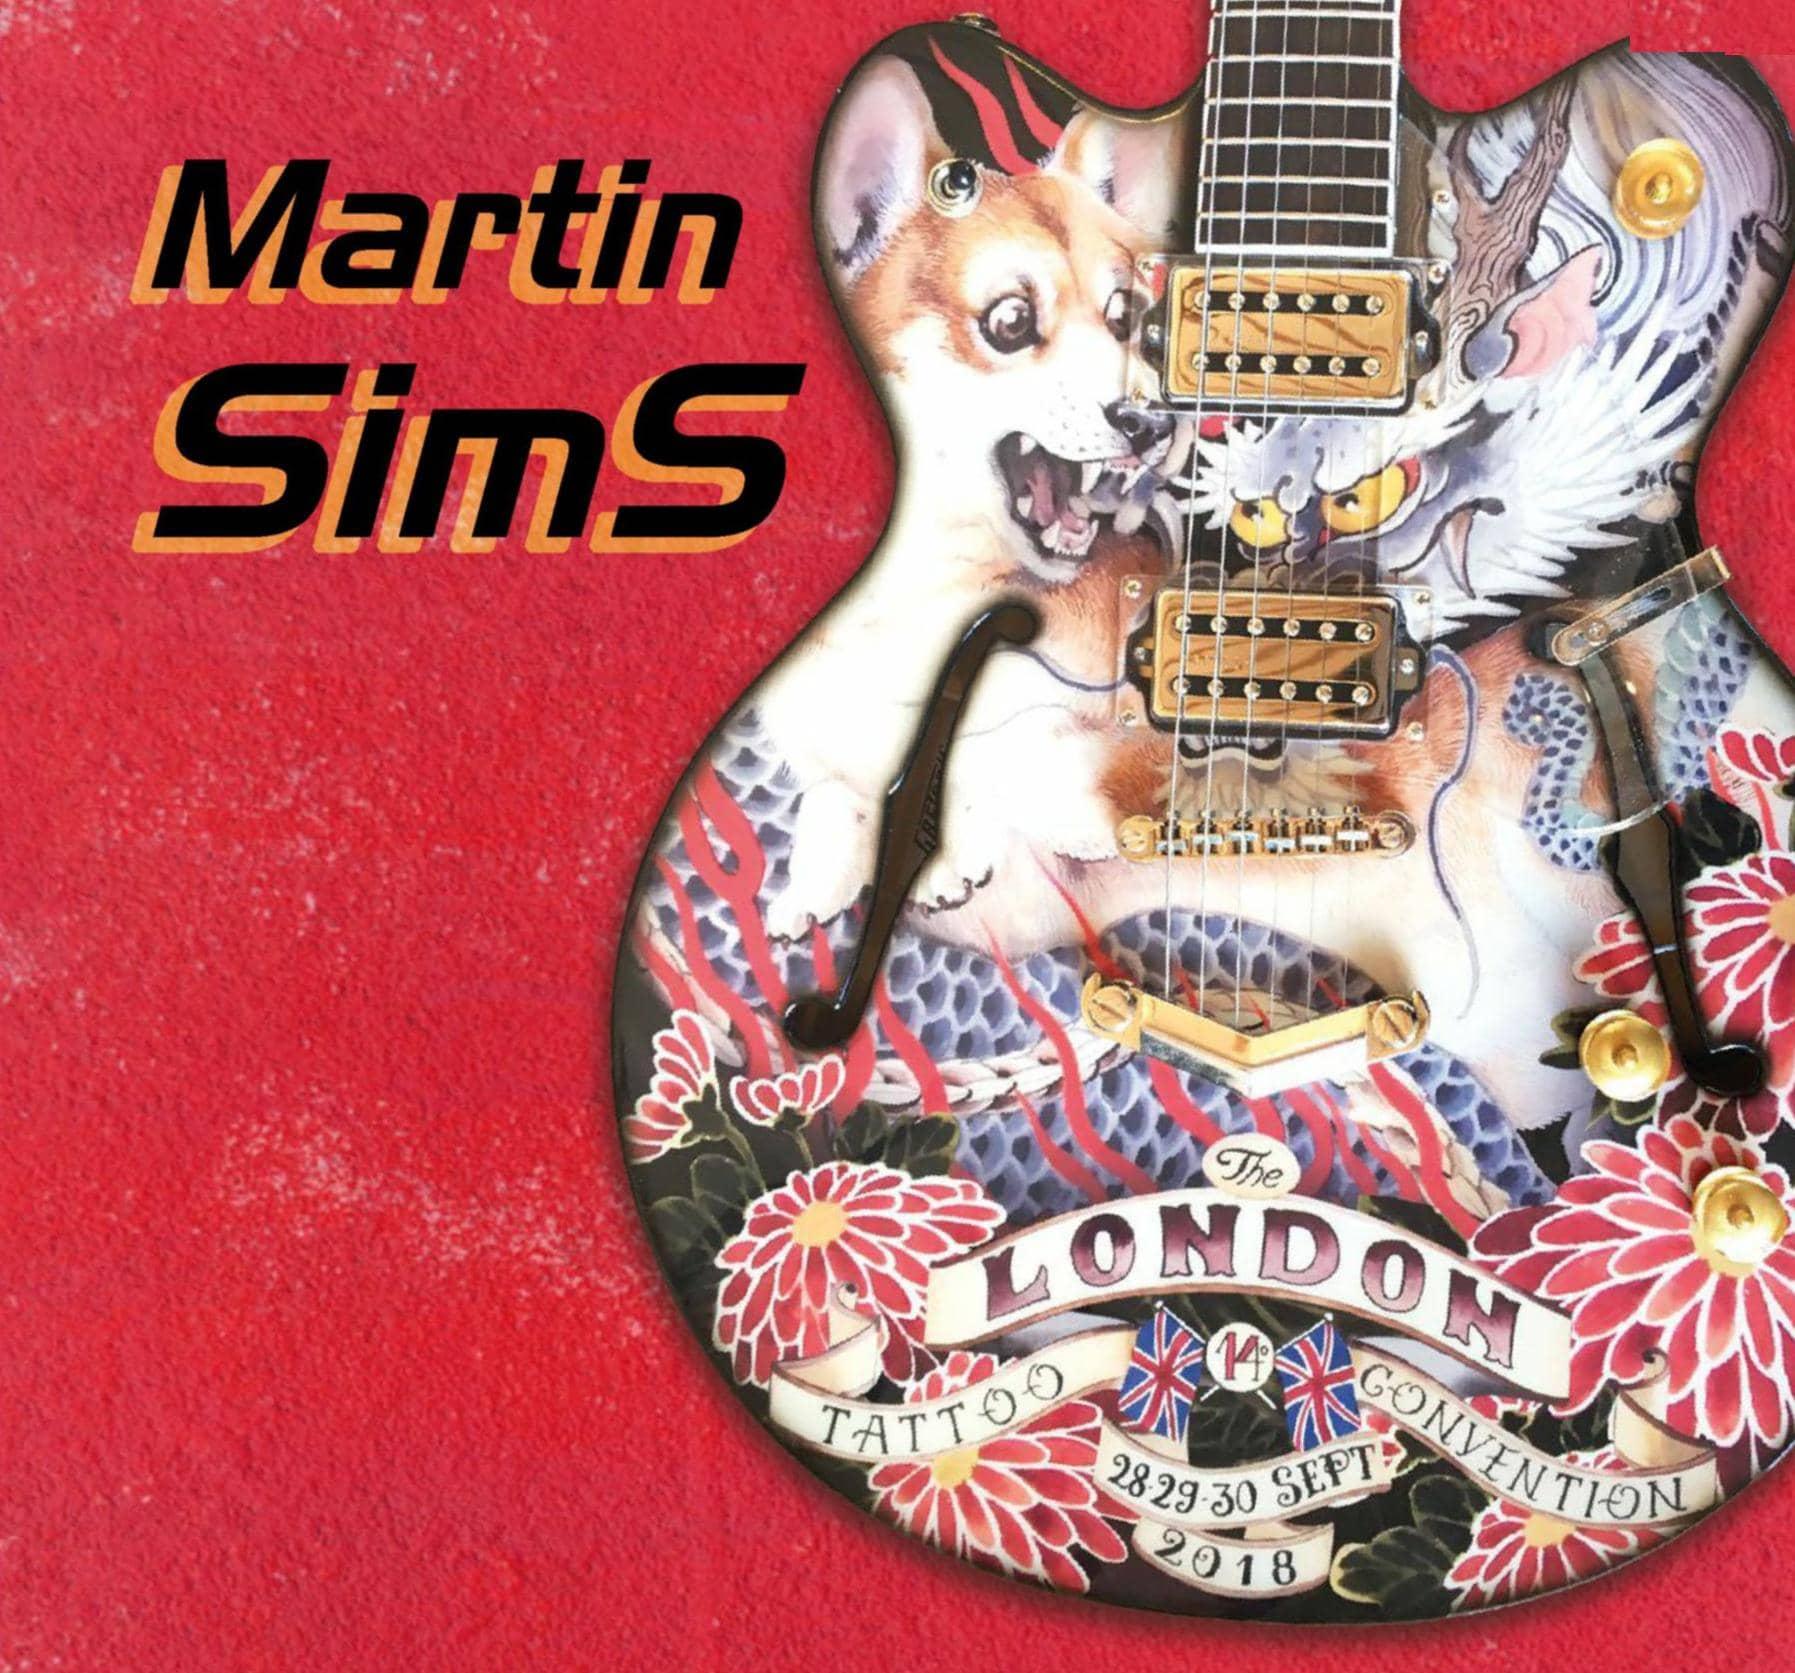 Martin Sims